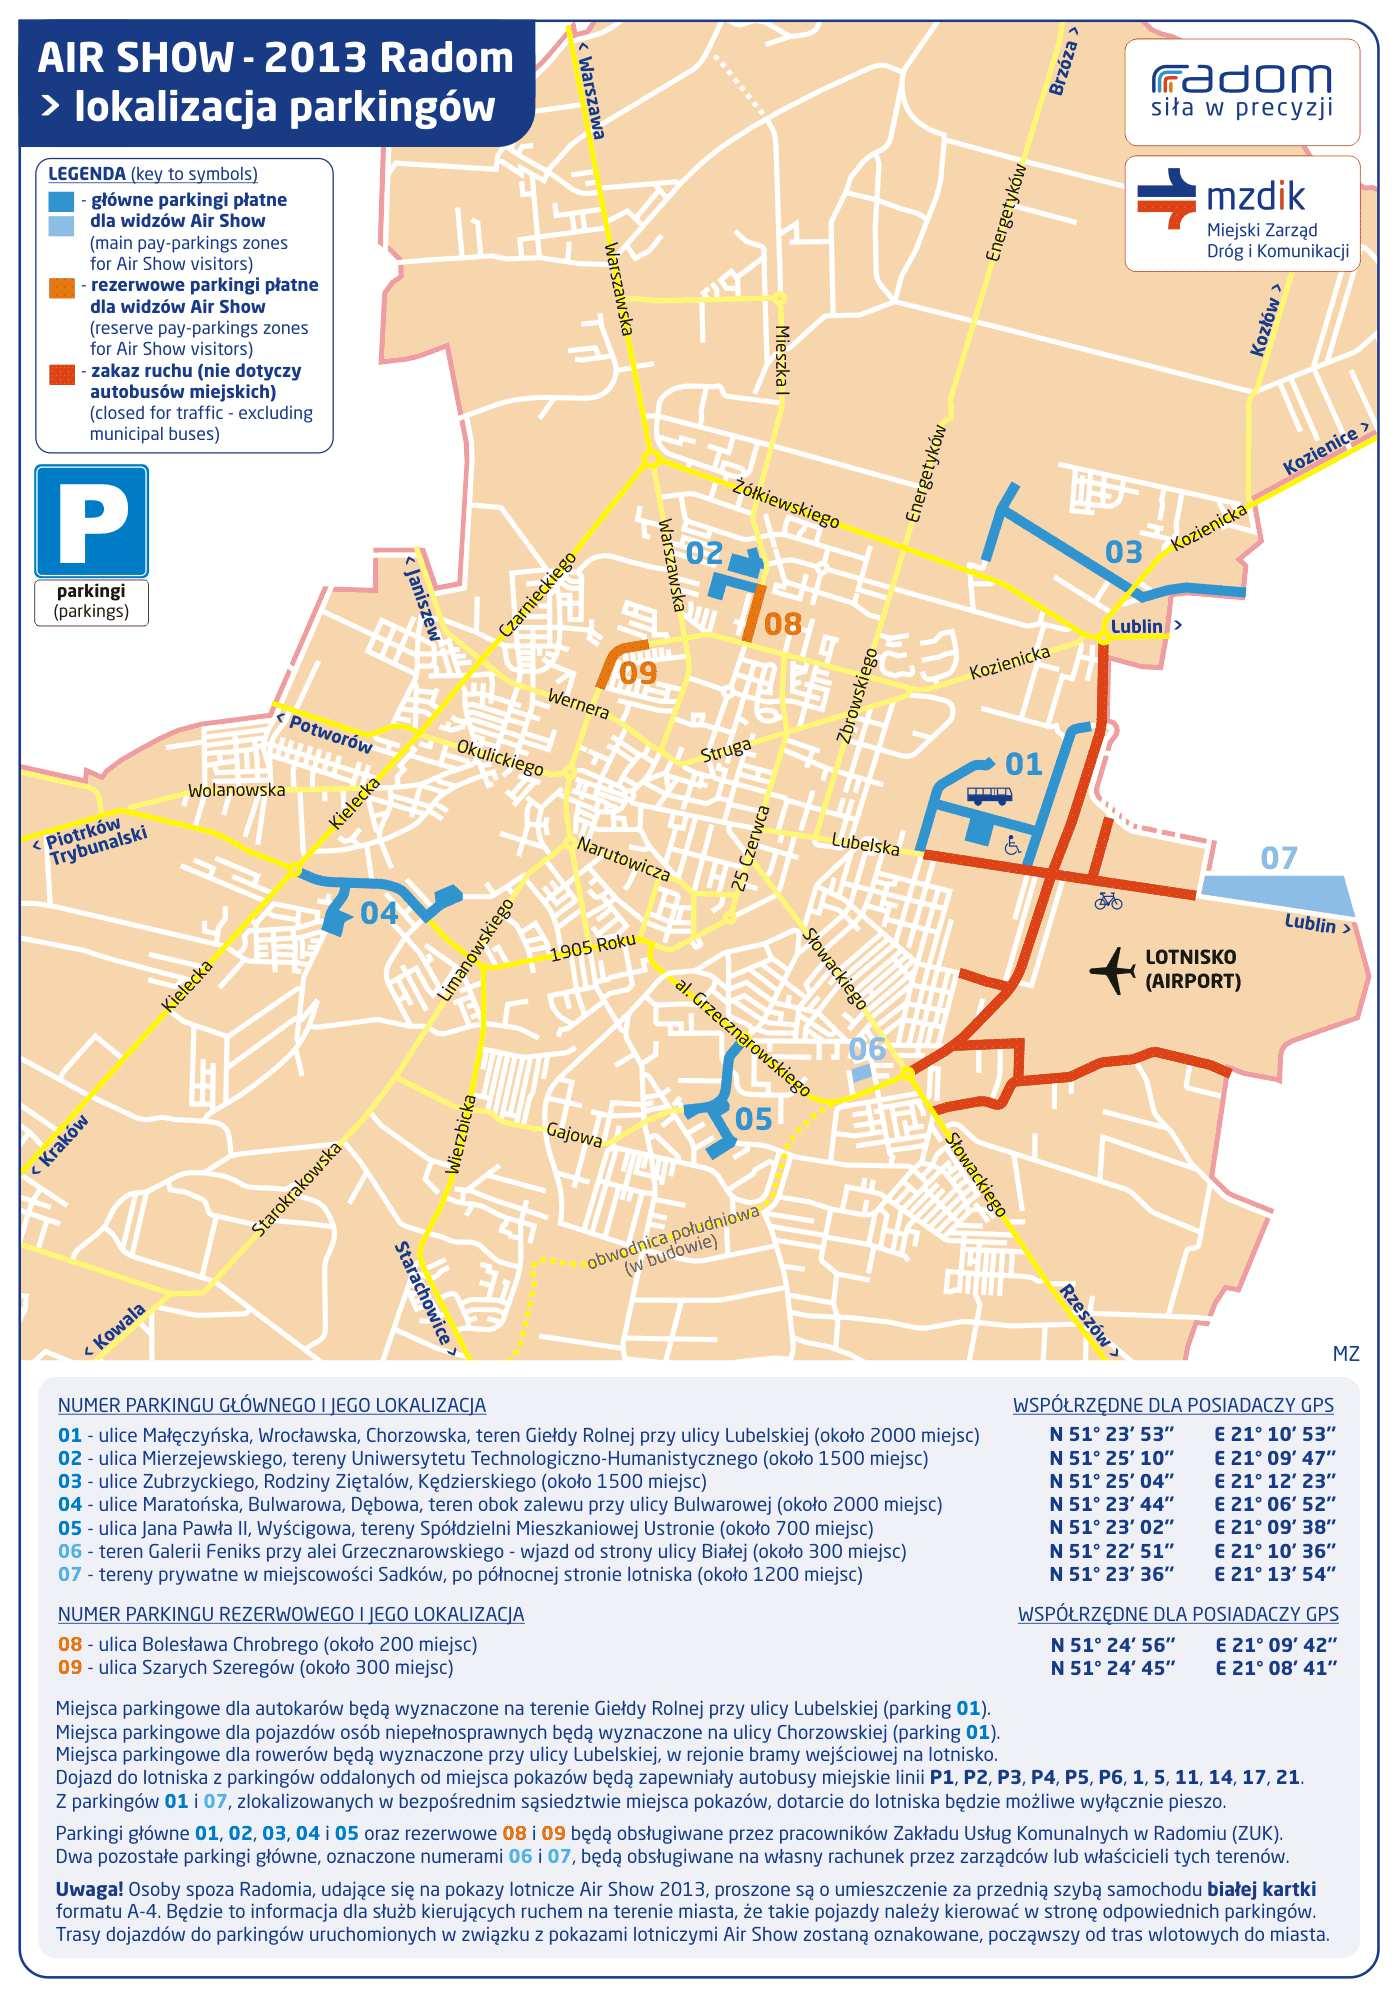 parkingi-miejsca-radom-airshow-2013